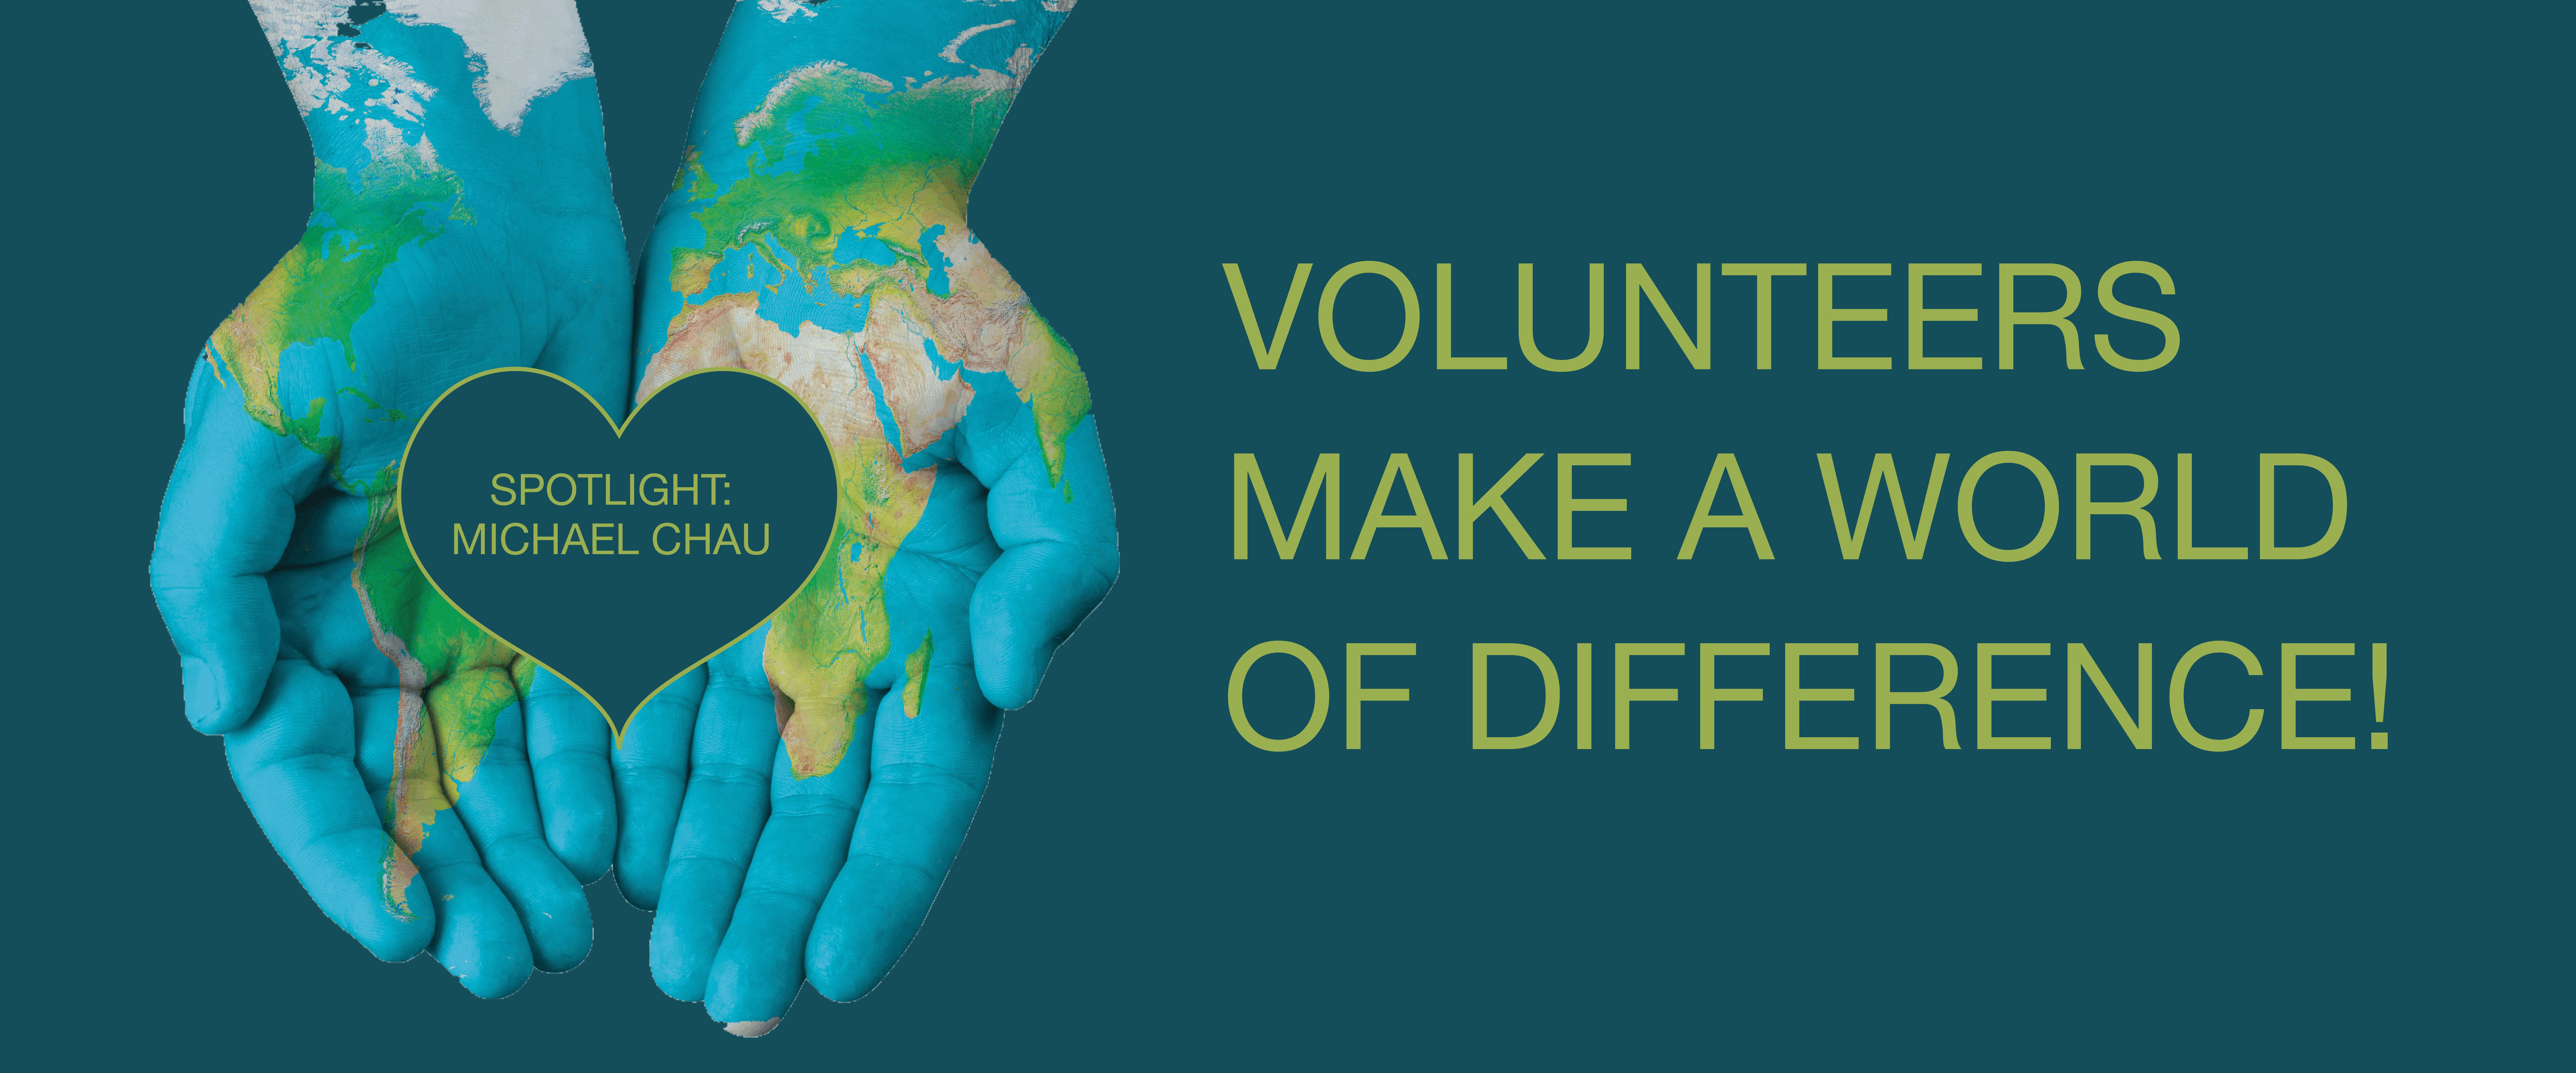 volunteer appreciation blog header michael chau 01